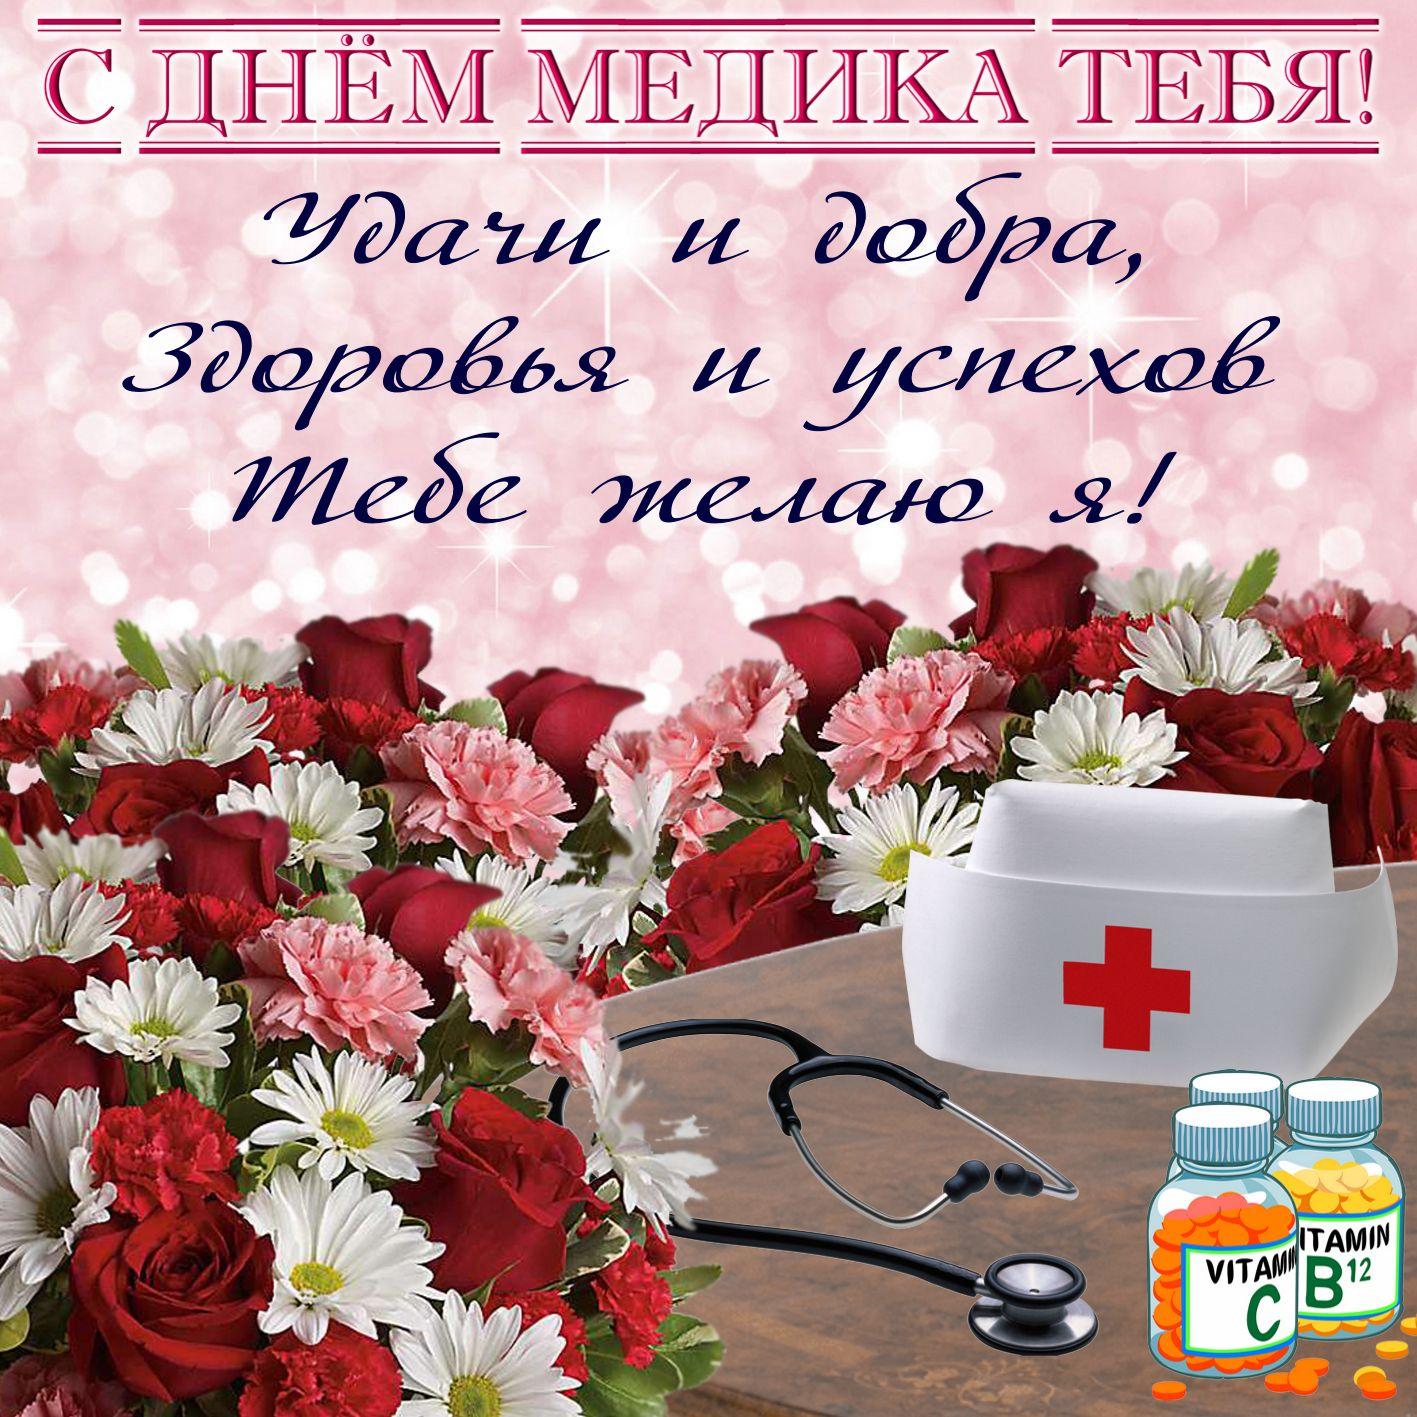 Открытки день медицинского работника в 2017 году в россии, мое счастье